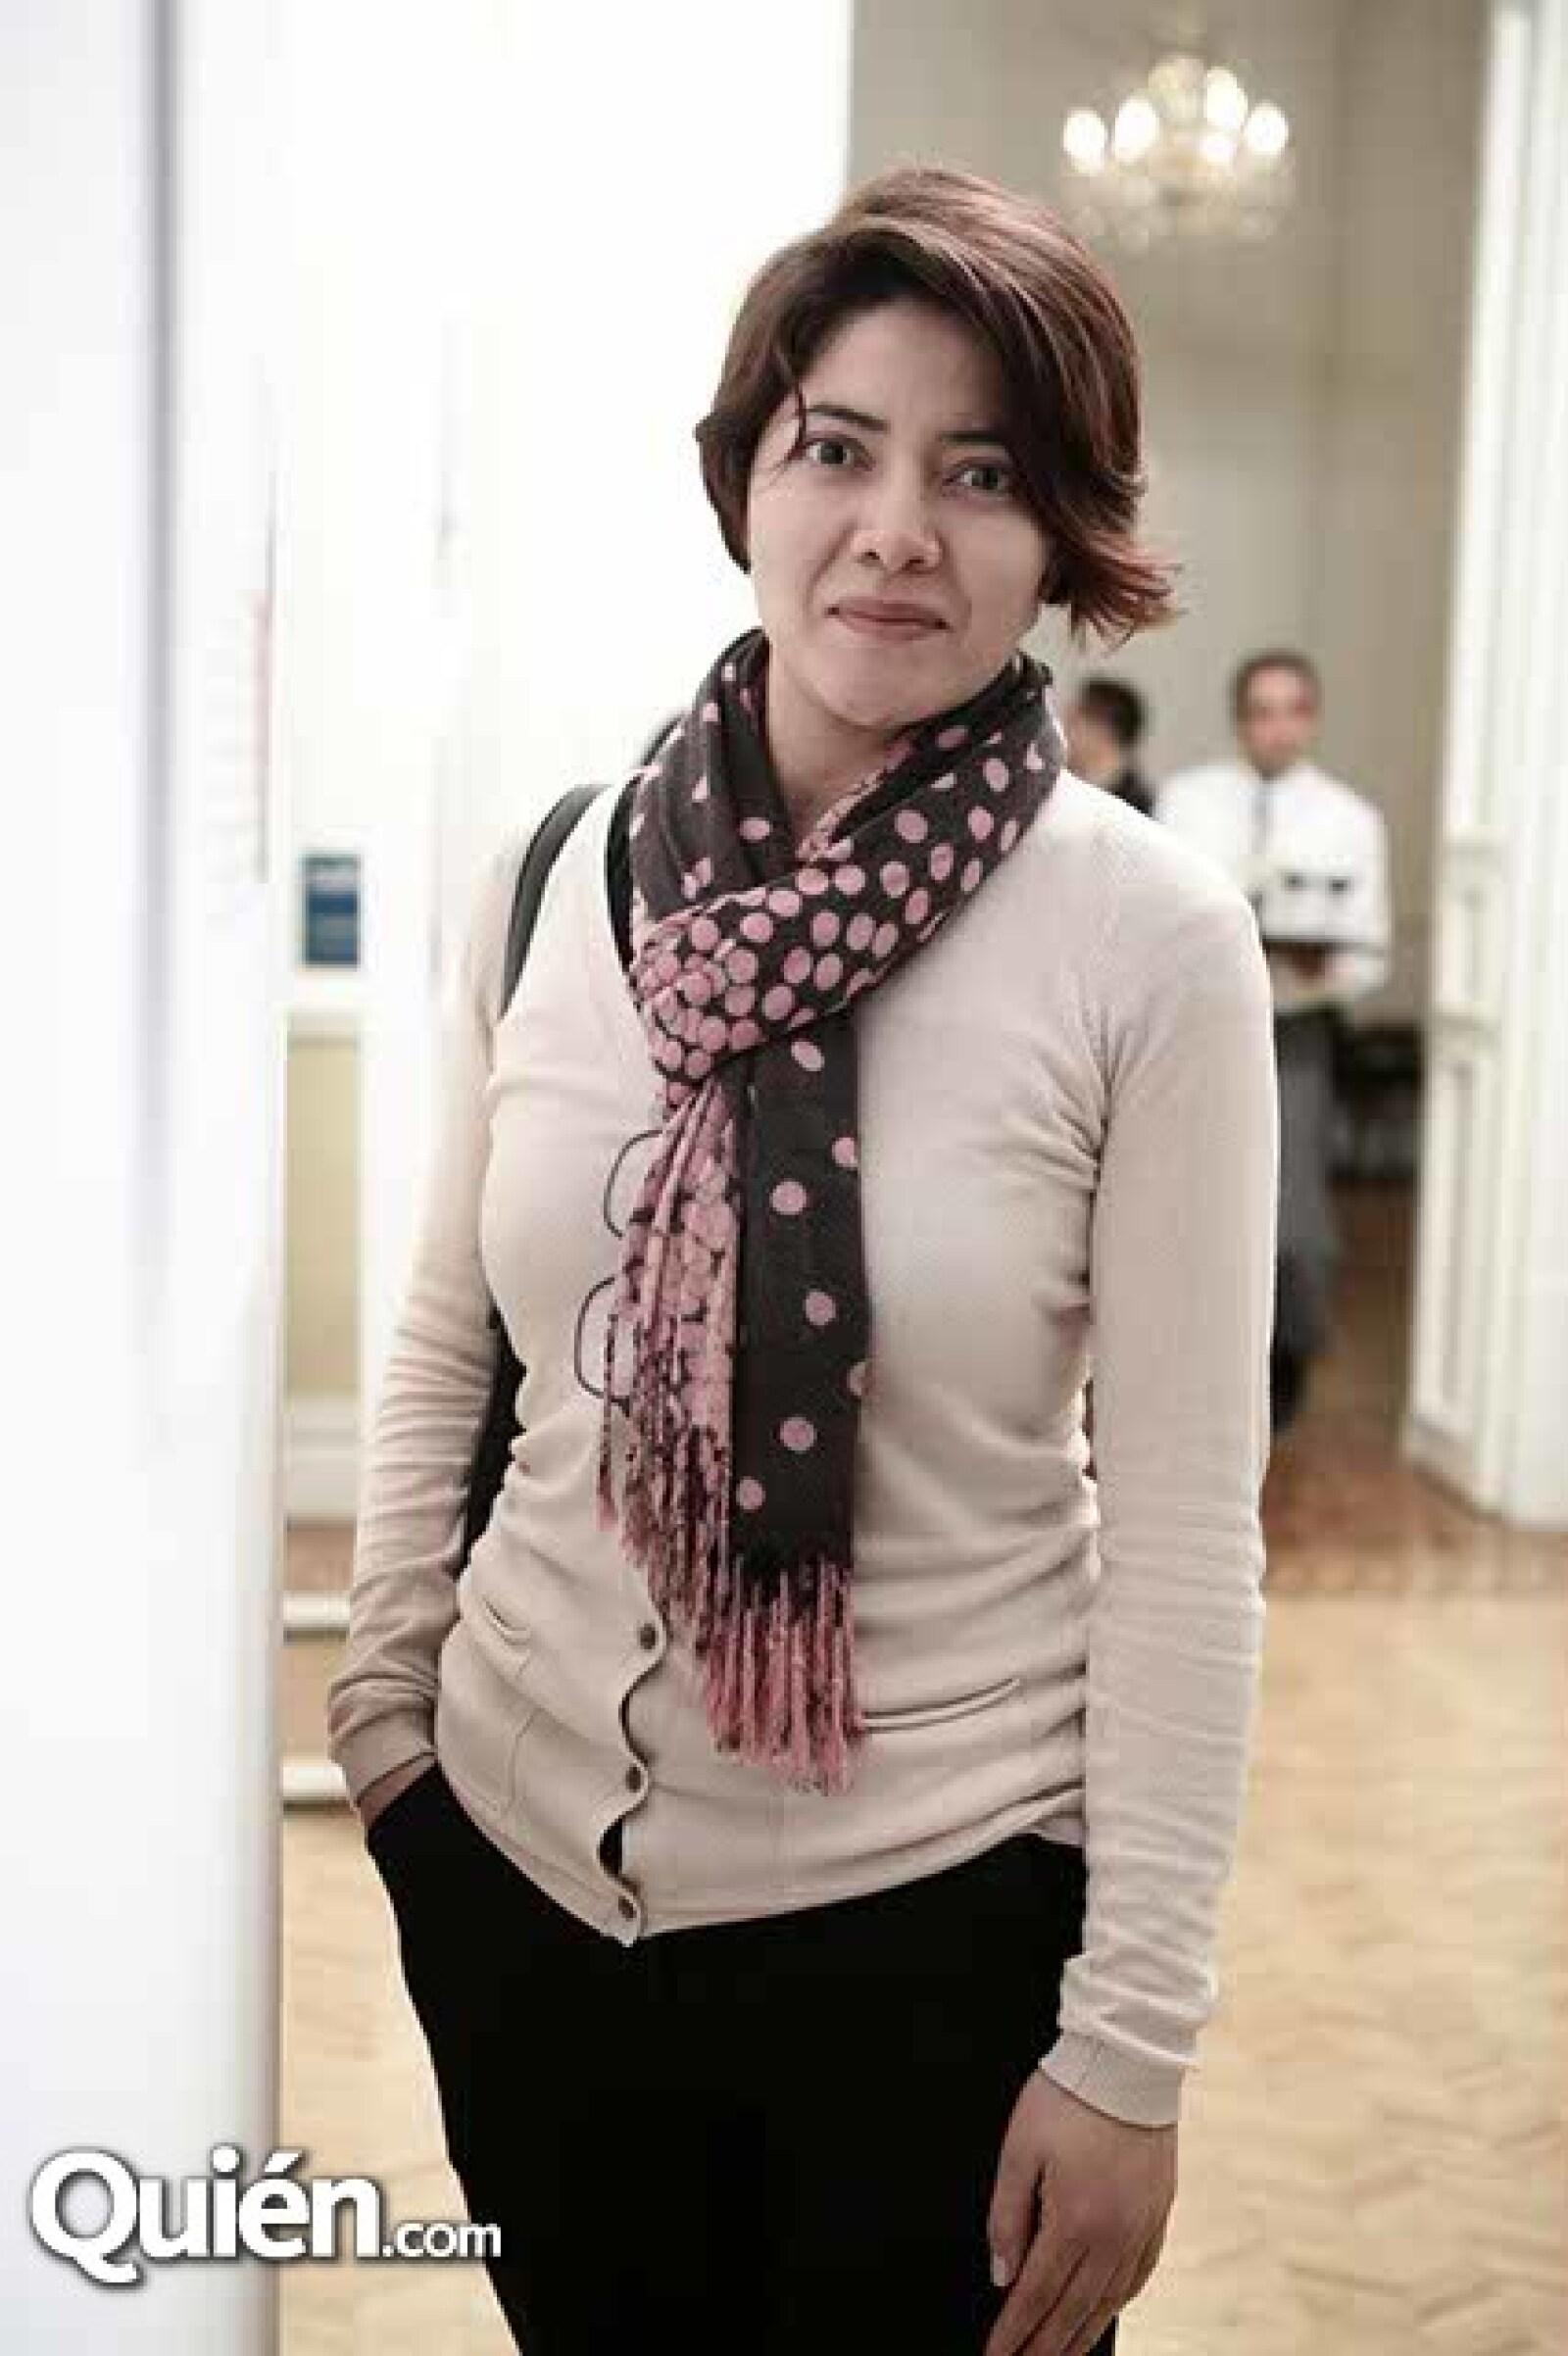 Yadira Reyes